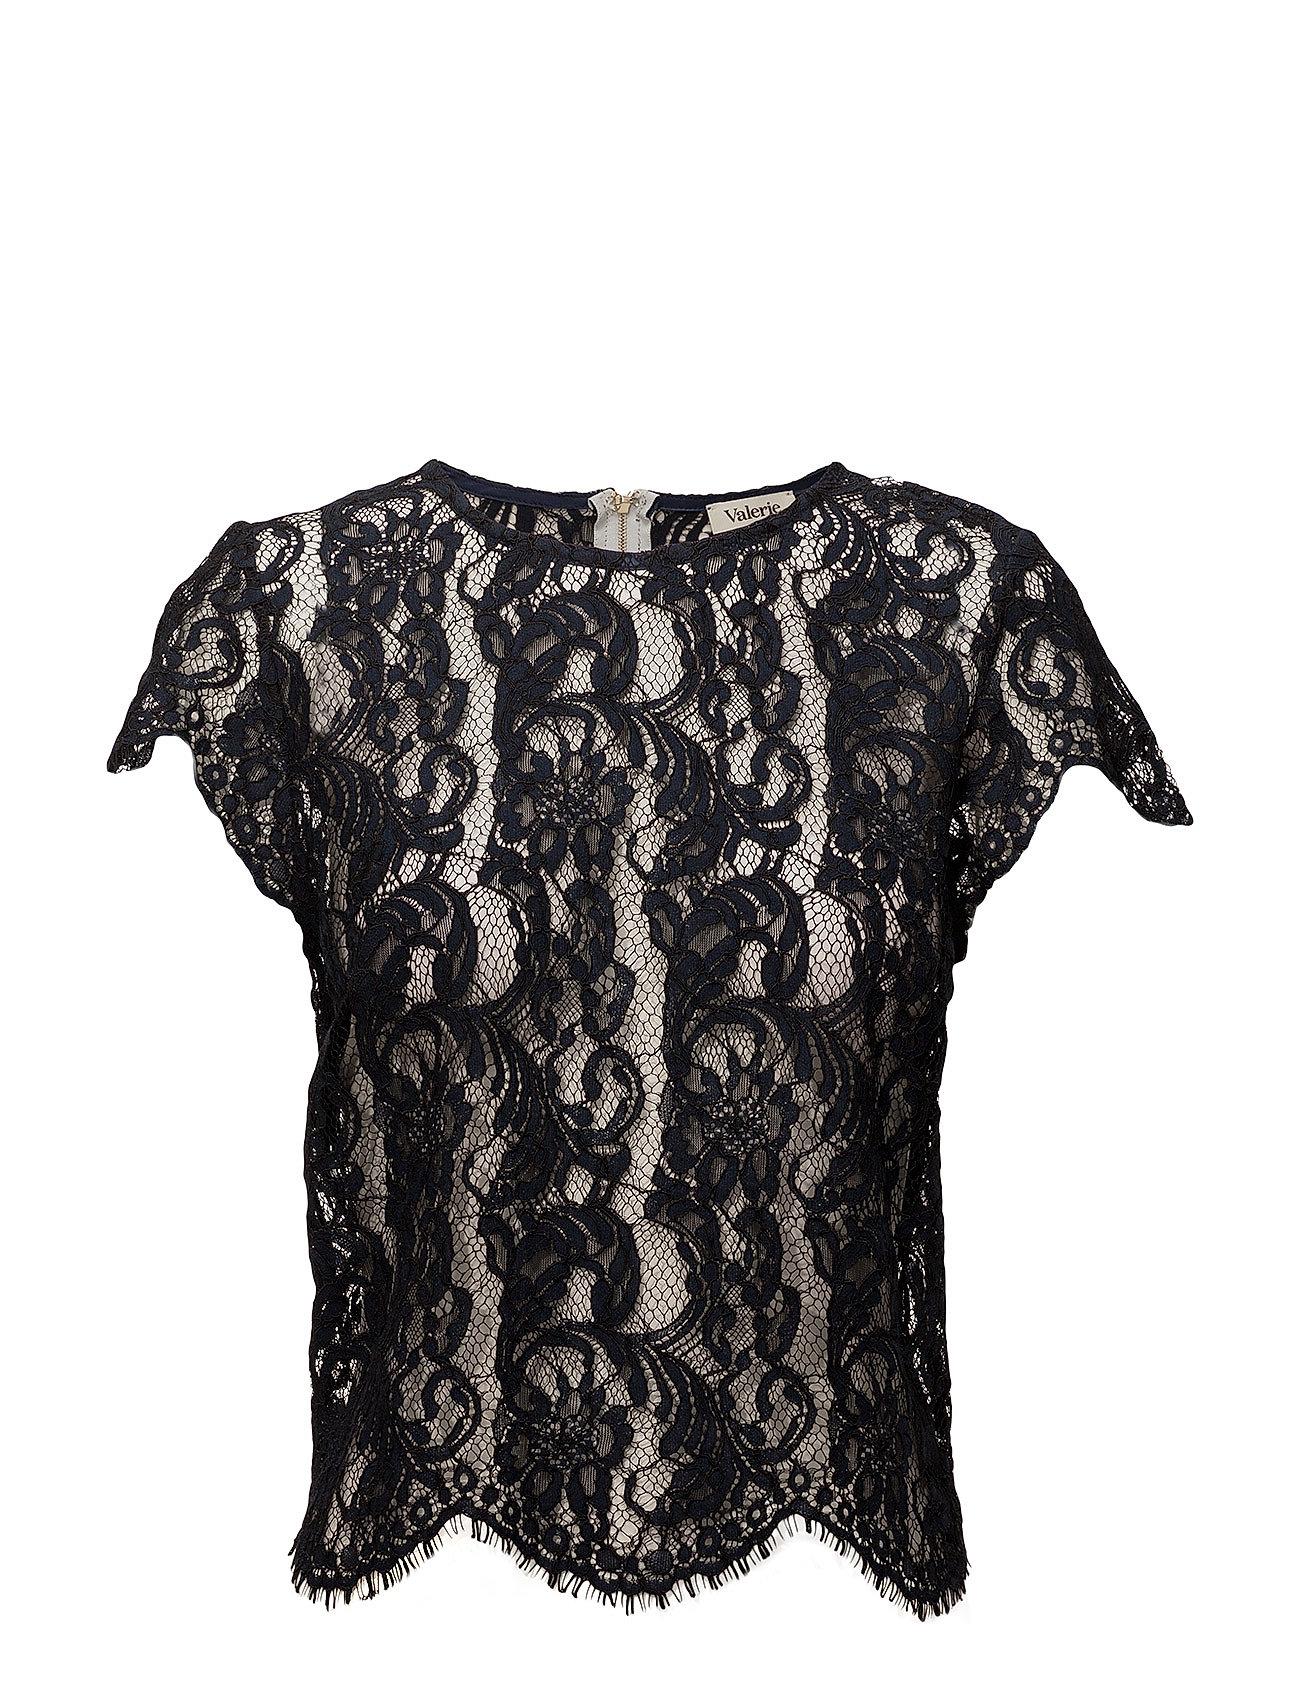 Image of Corn Top T-shirt Top Sort VALERIE (3009719141)